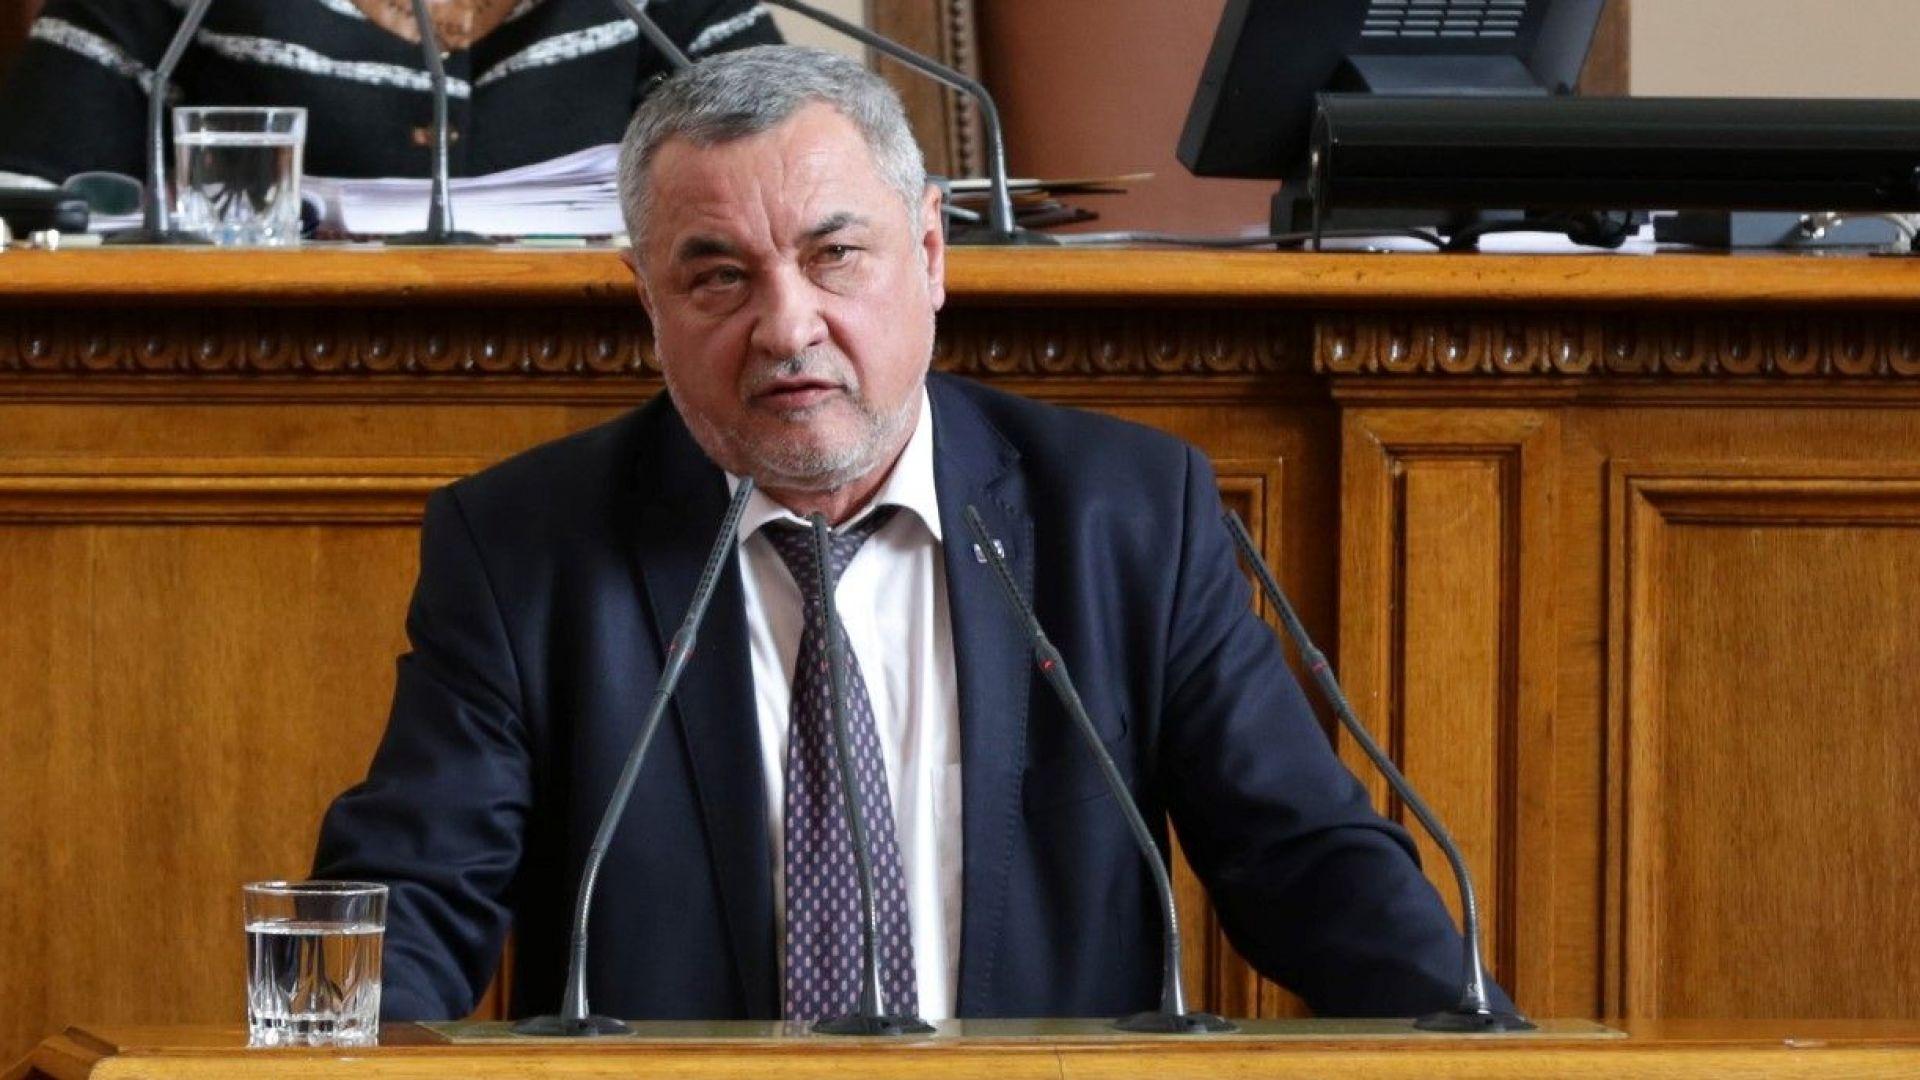 НФСБ предлагат промяна в правилата за депутатските пари при отсъствия